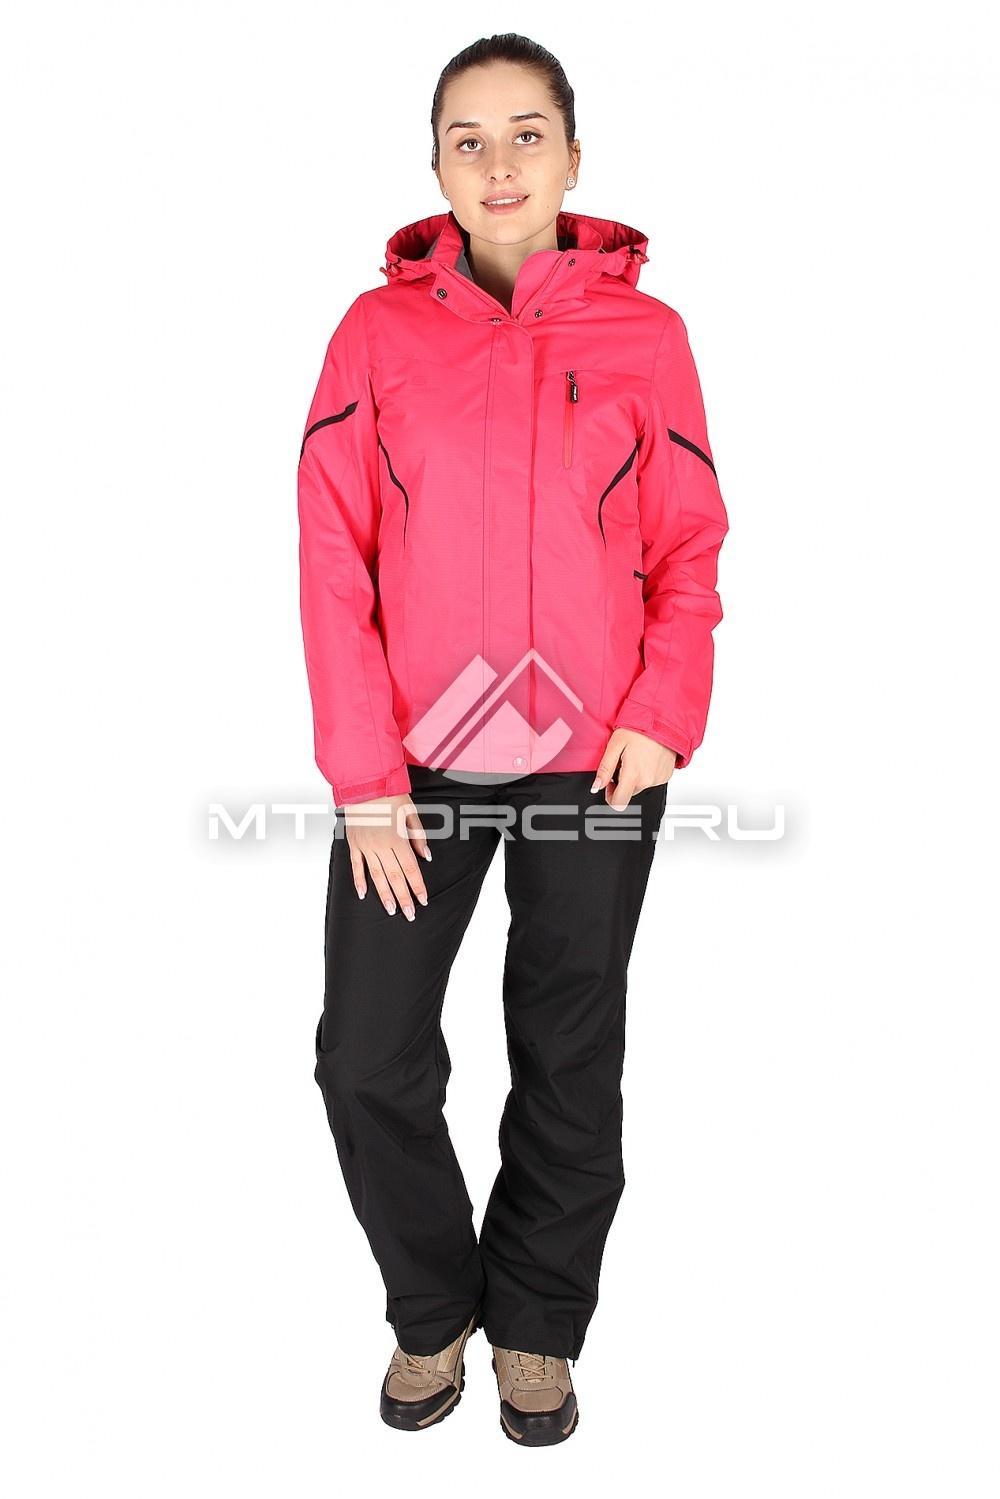 Купить                                  оптом Костюм женский красного цвета 01615Kr